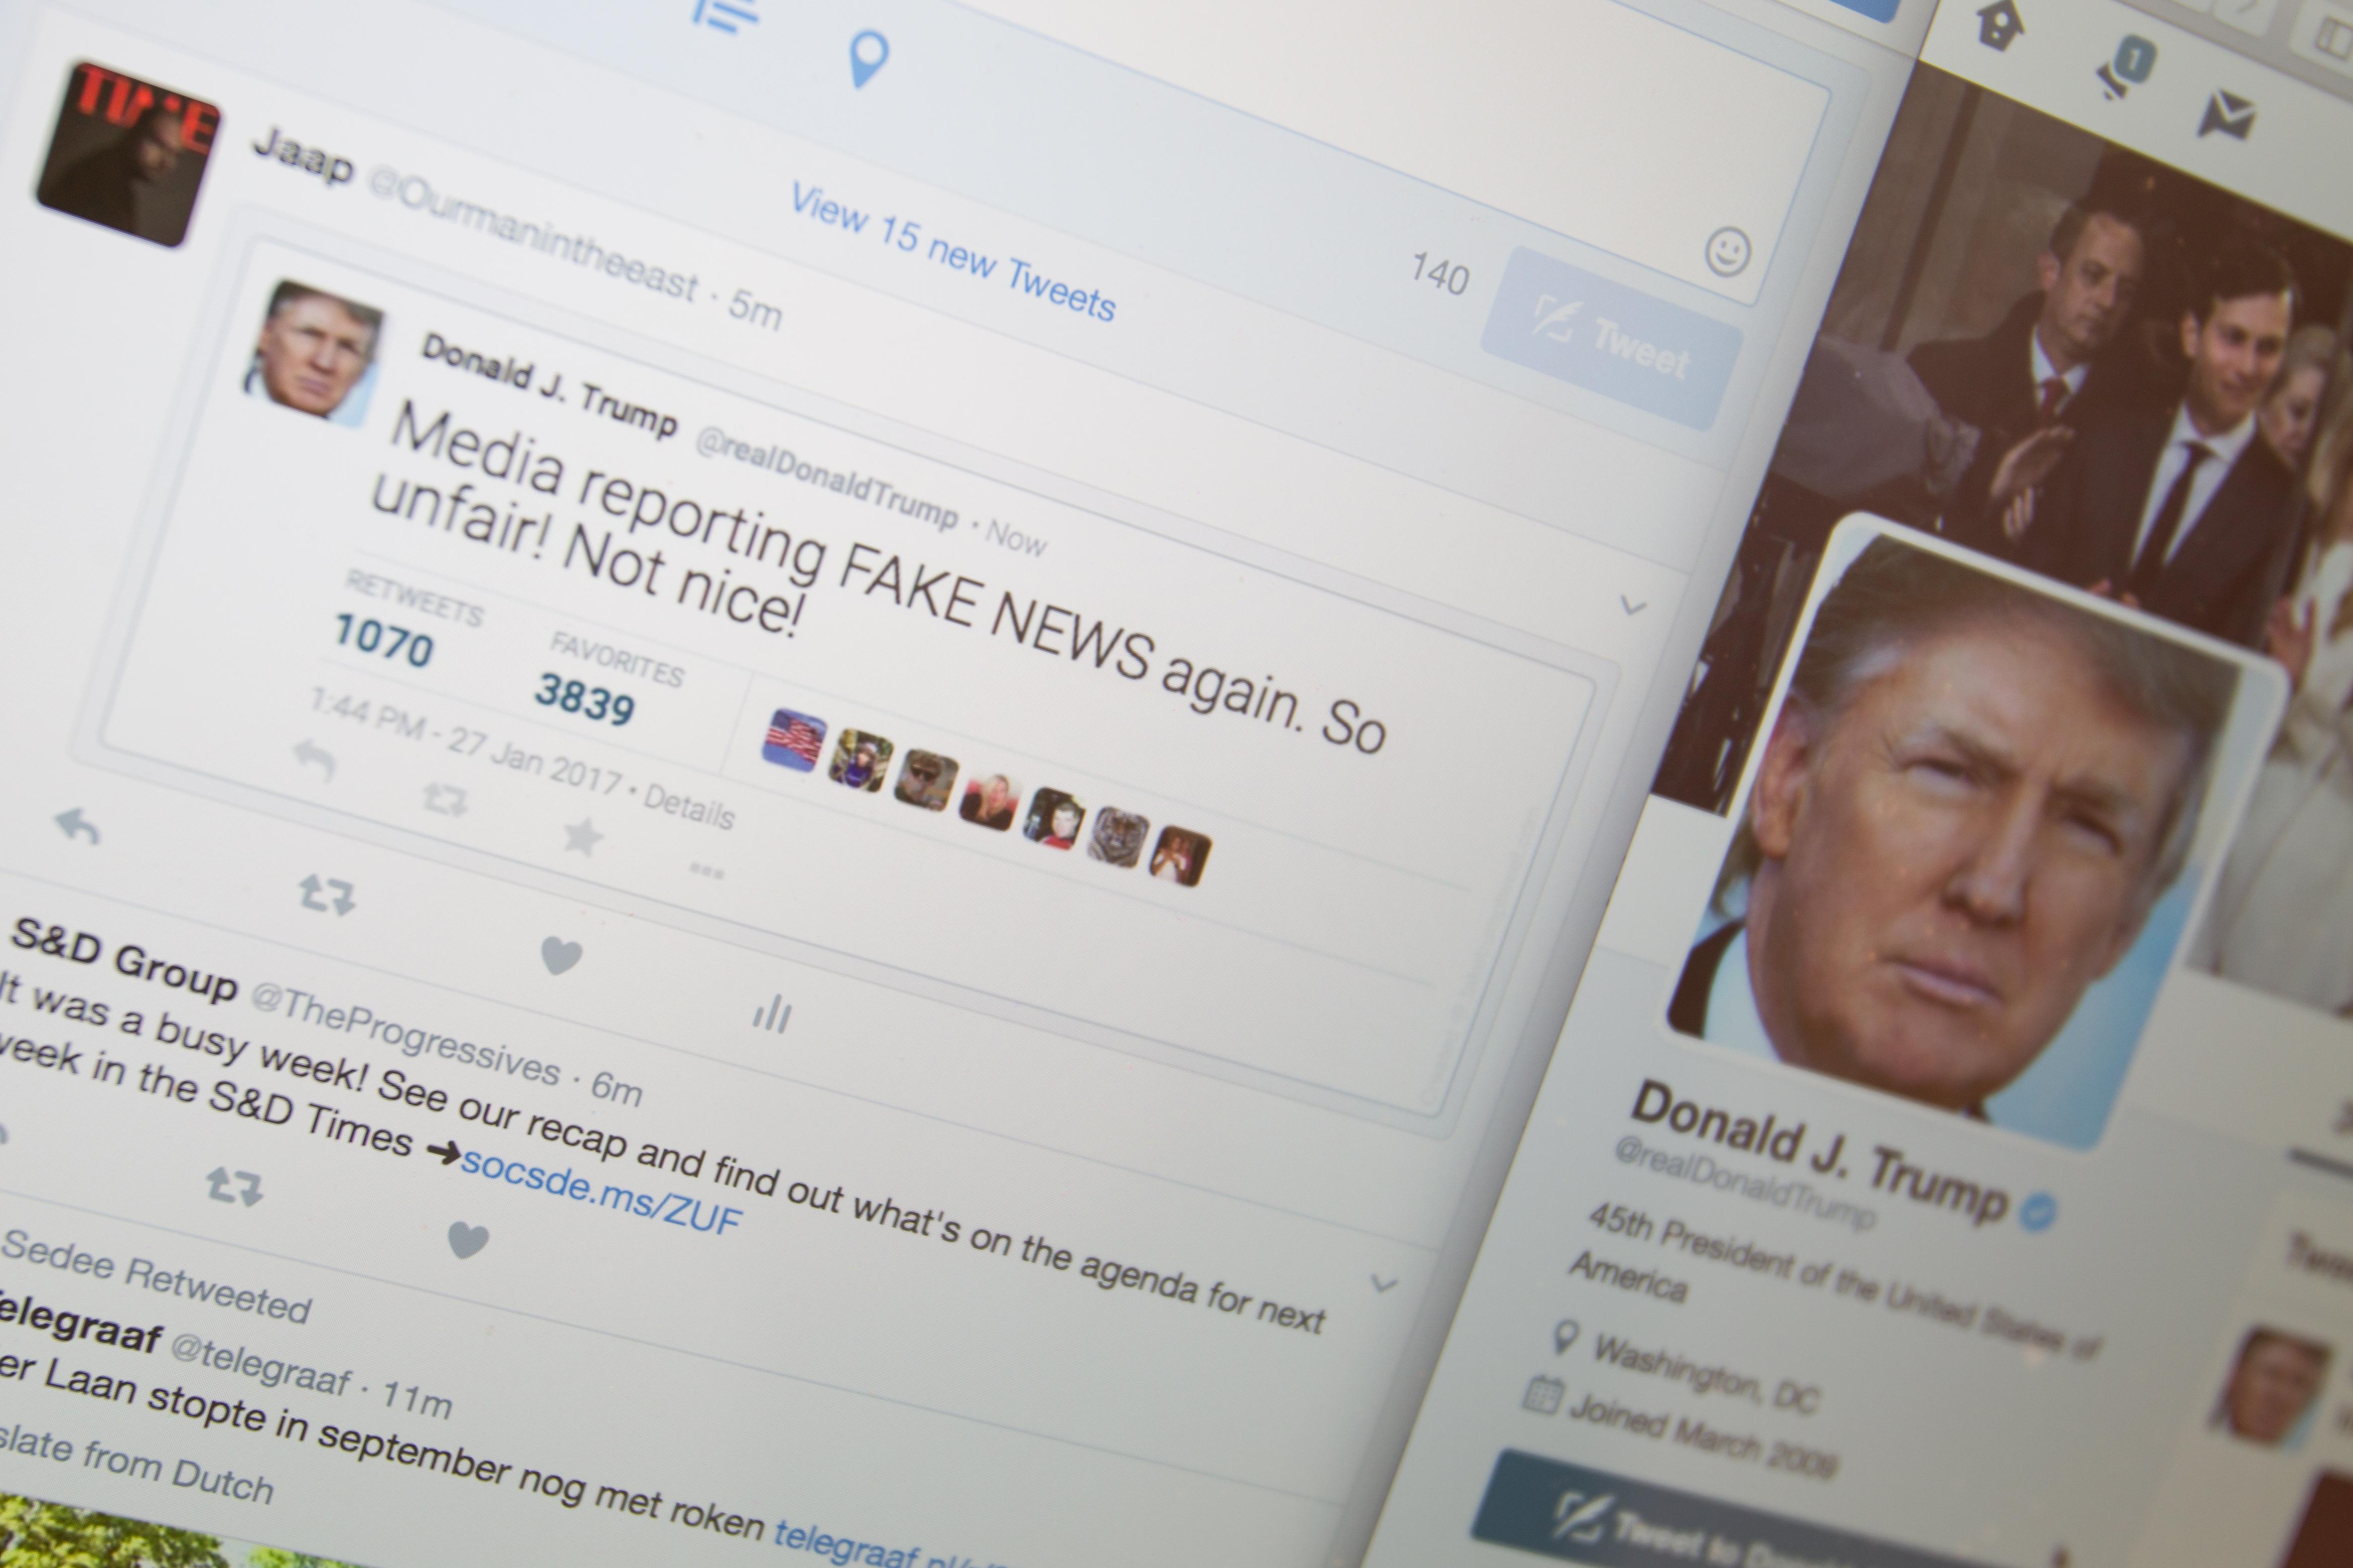 A francia elnökválasztás előtt közösen szorítaná vissza a kamuhíreket a Google és a Facebook